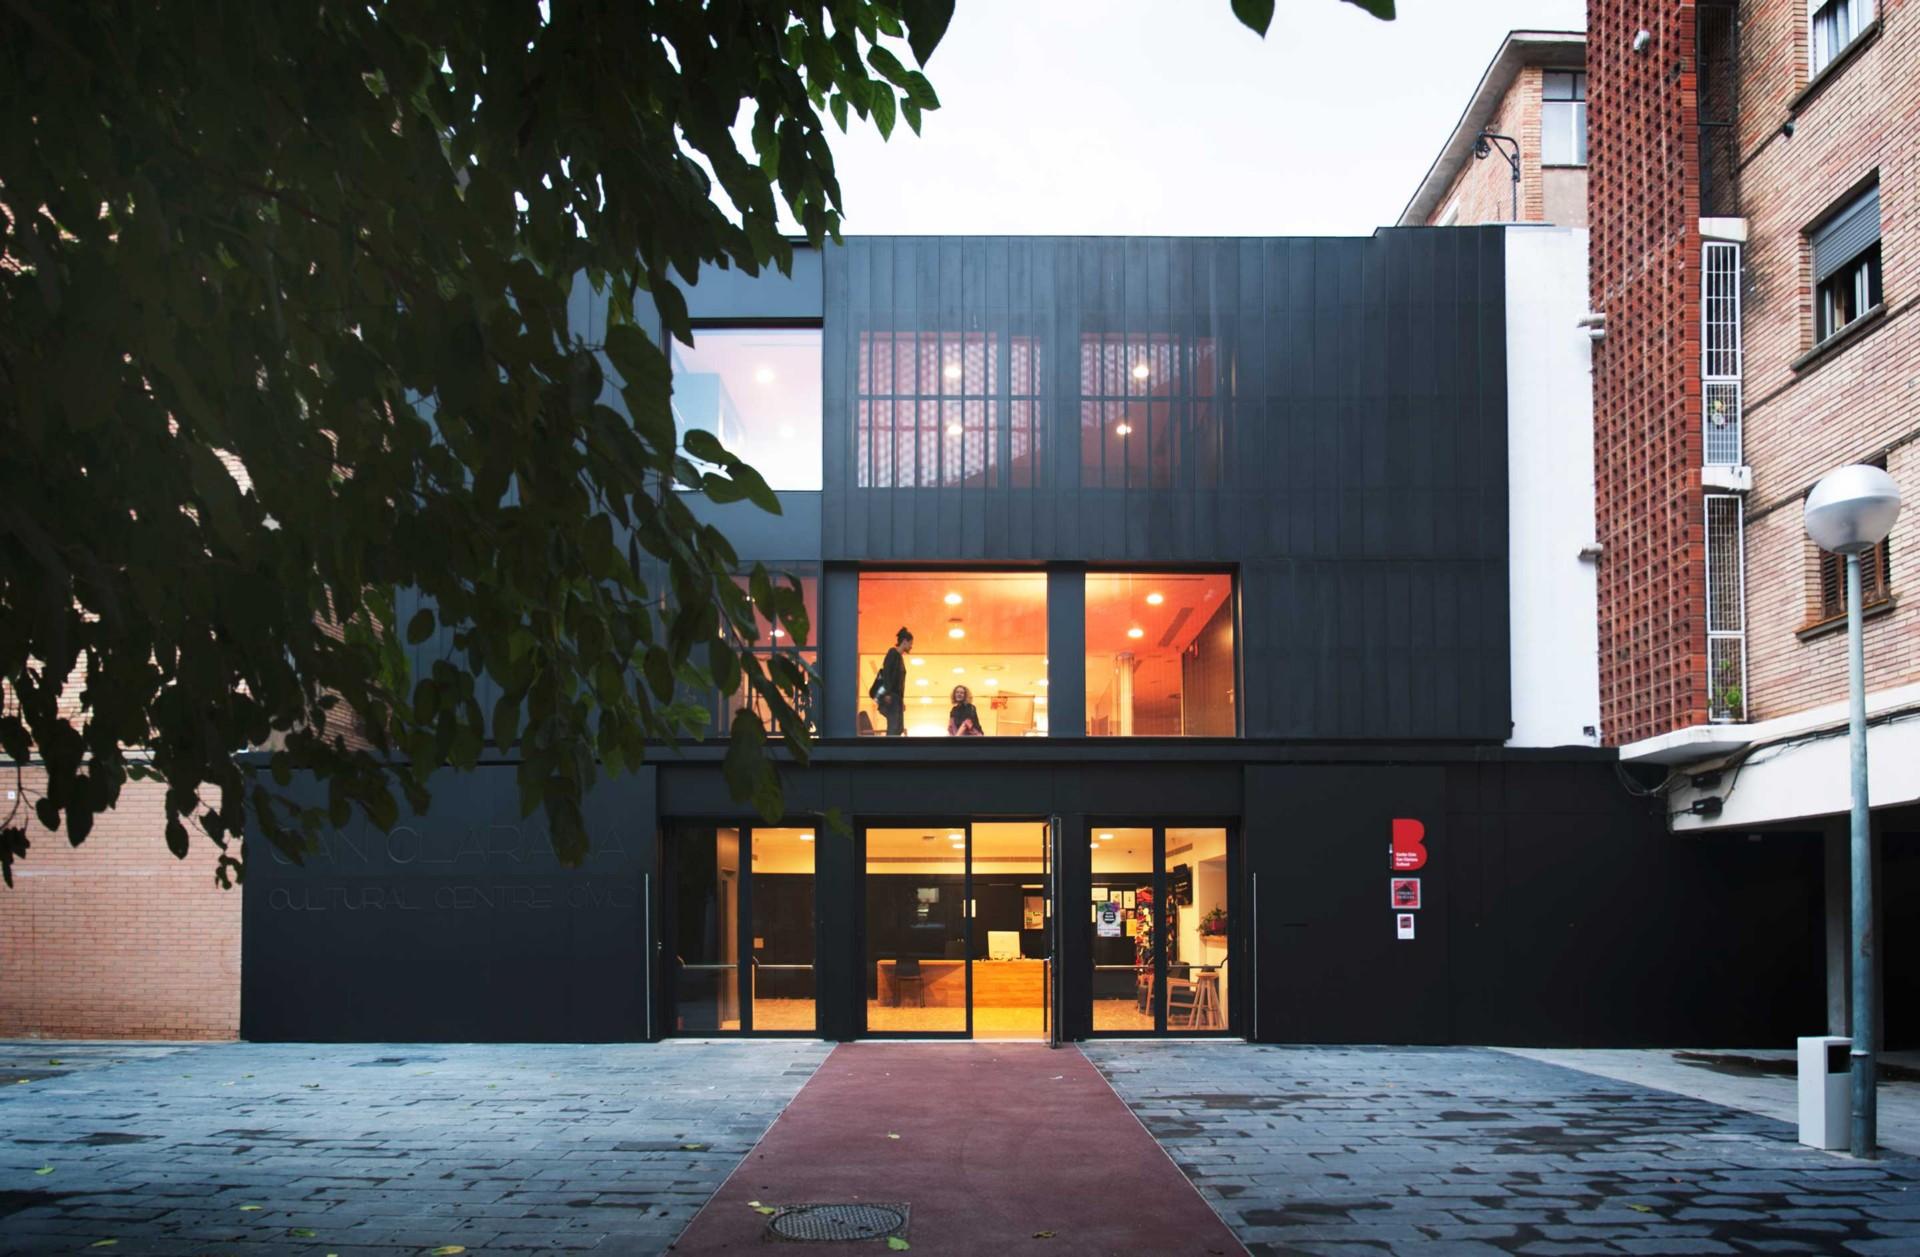 Bcq arquitectura centro civico can clariana cultural - Arquitectura barcelona ...